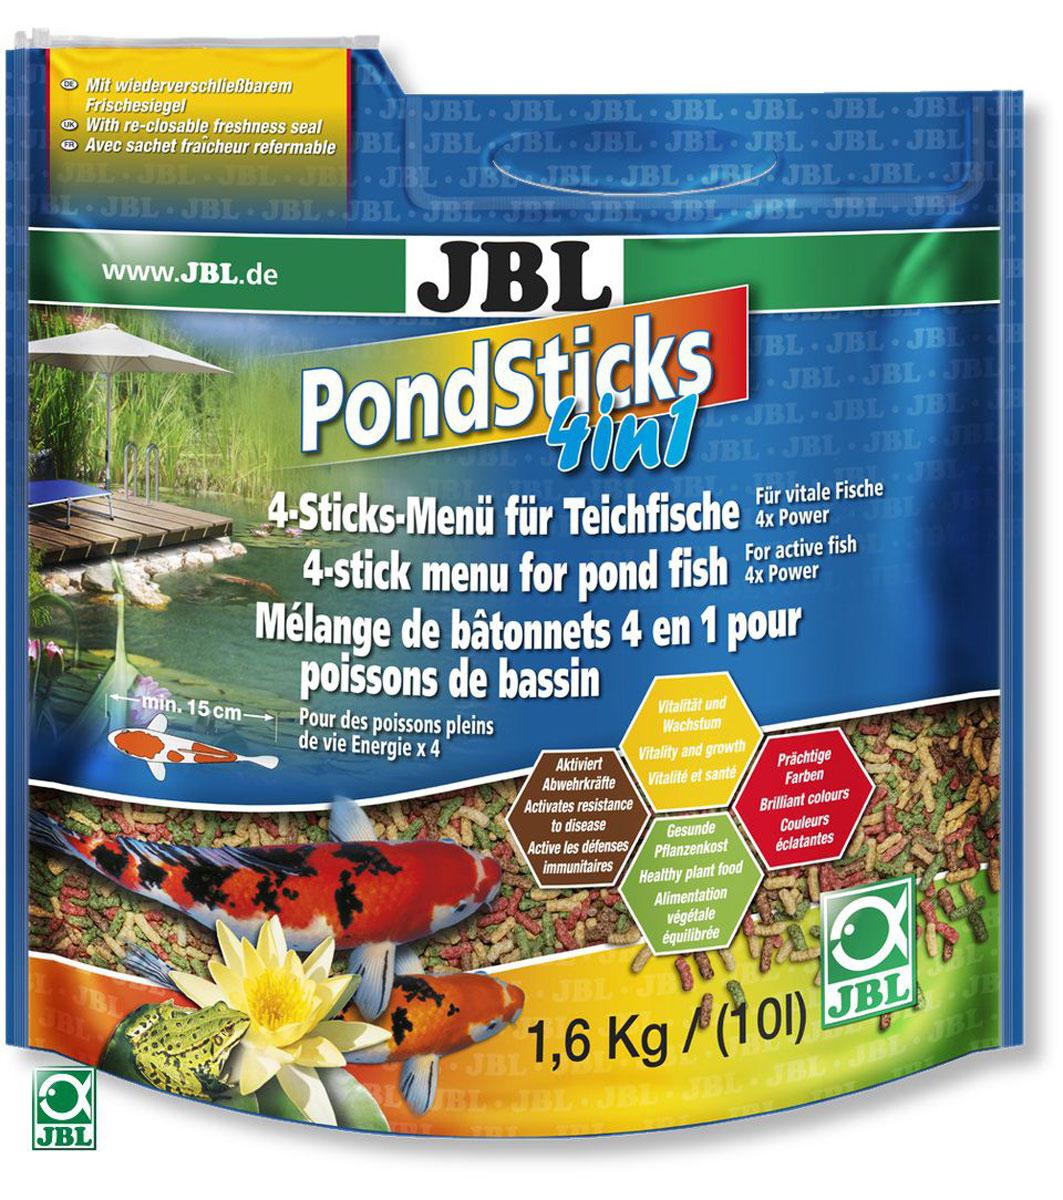 JBL Pond Sticks 4in1 Комплексный корм в форме палочек для всех прудовых рыб, содержащий 4 различных вида палочек разного цвета, удобный пакет 10 лJBL4015300JBL Pond Sticks 4in1 - Комплексный корм в форме палочек для всех прудовых рыб, содержащий 4 различных вида палочек разного цвета, удобный пакет 10 л